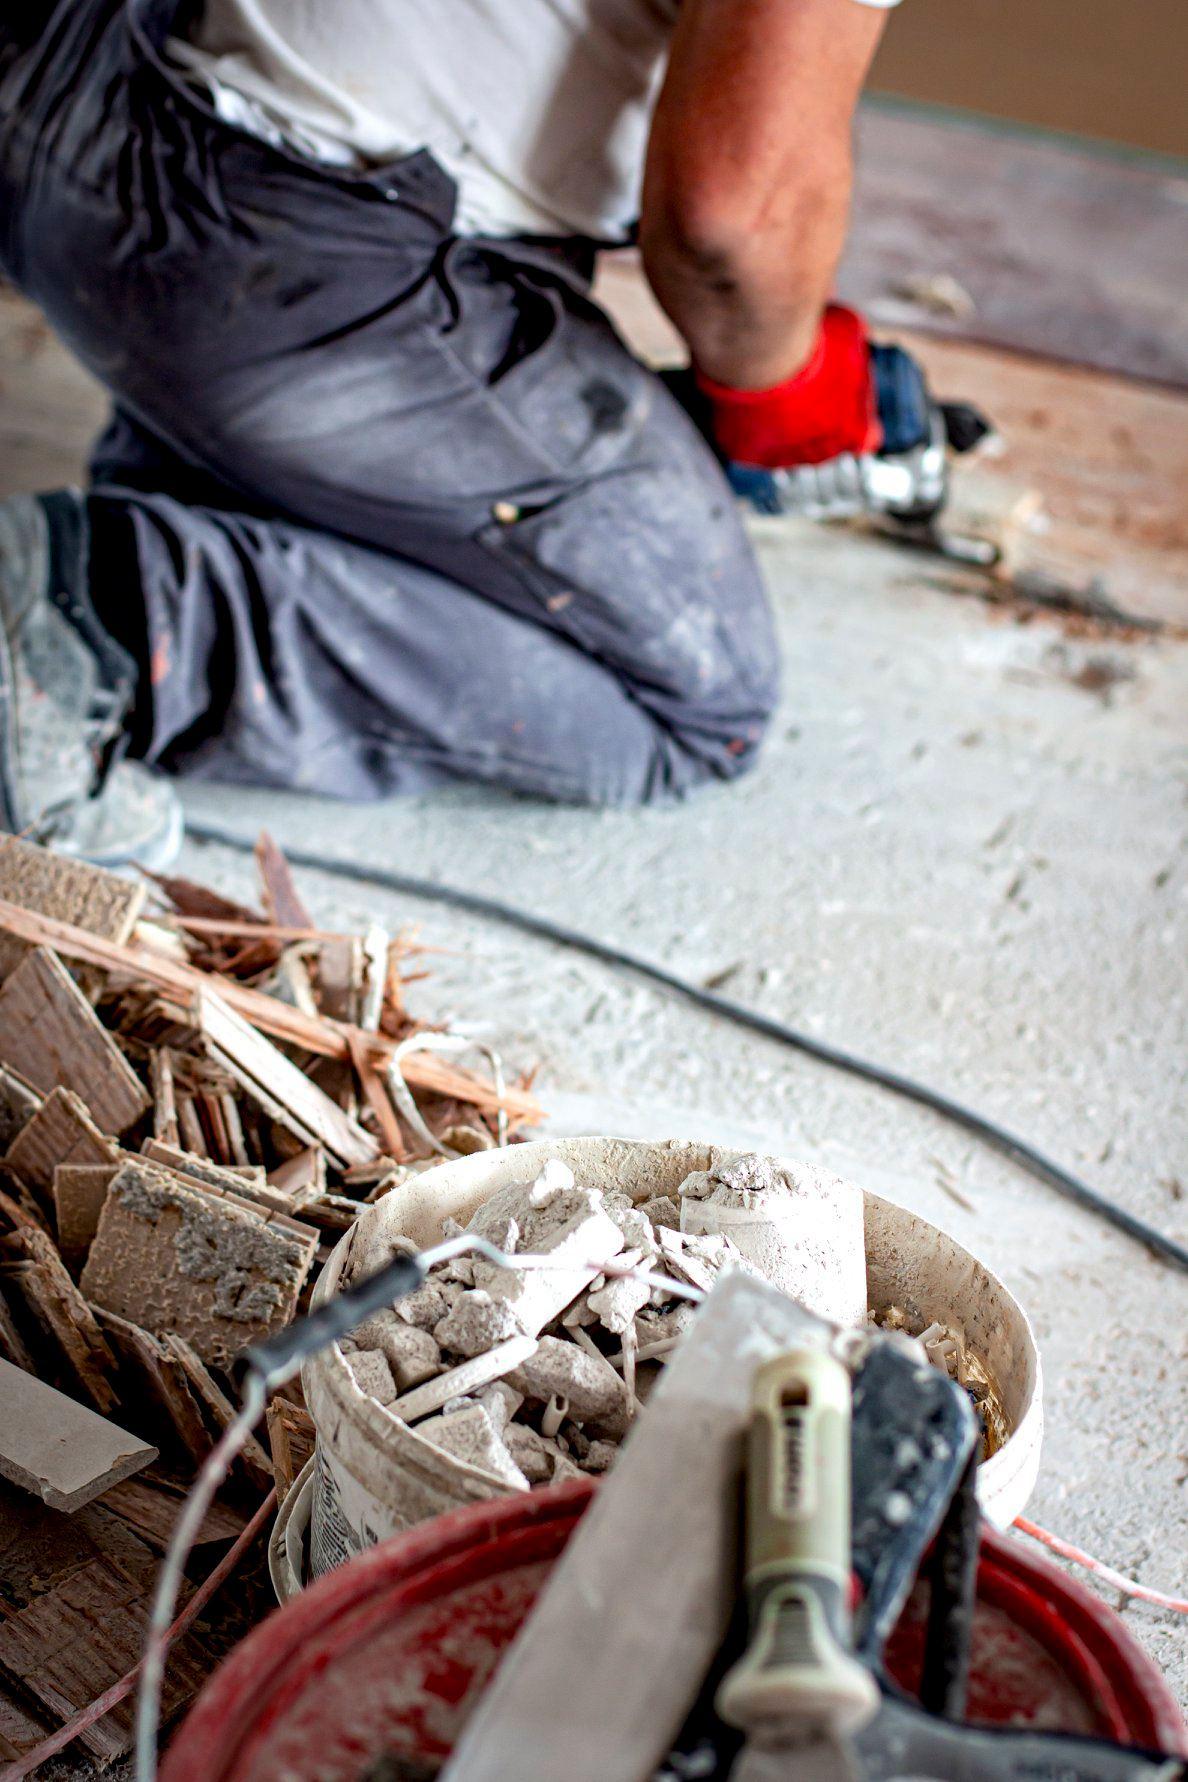 prace hydrauliczne, montaż instalacji podtynkowych, natynkowych kanalizacyjne, centralnego ogrzewania, armatura, grzejniki